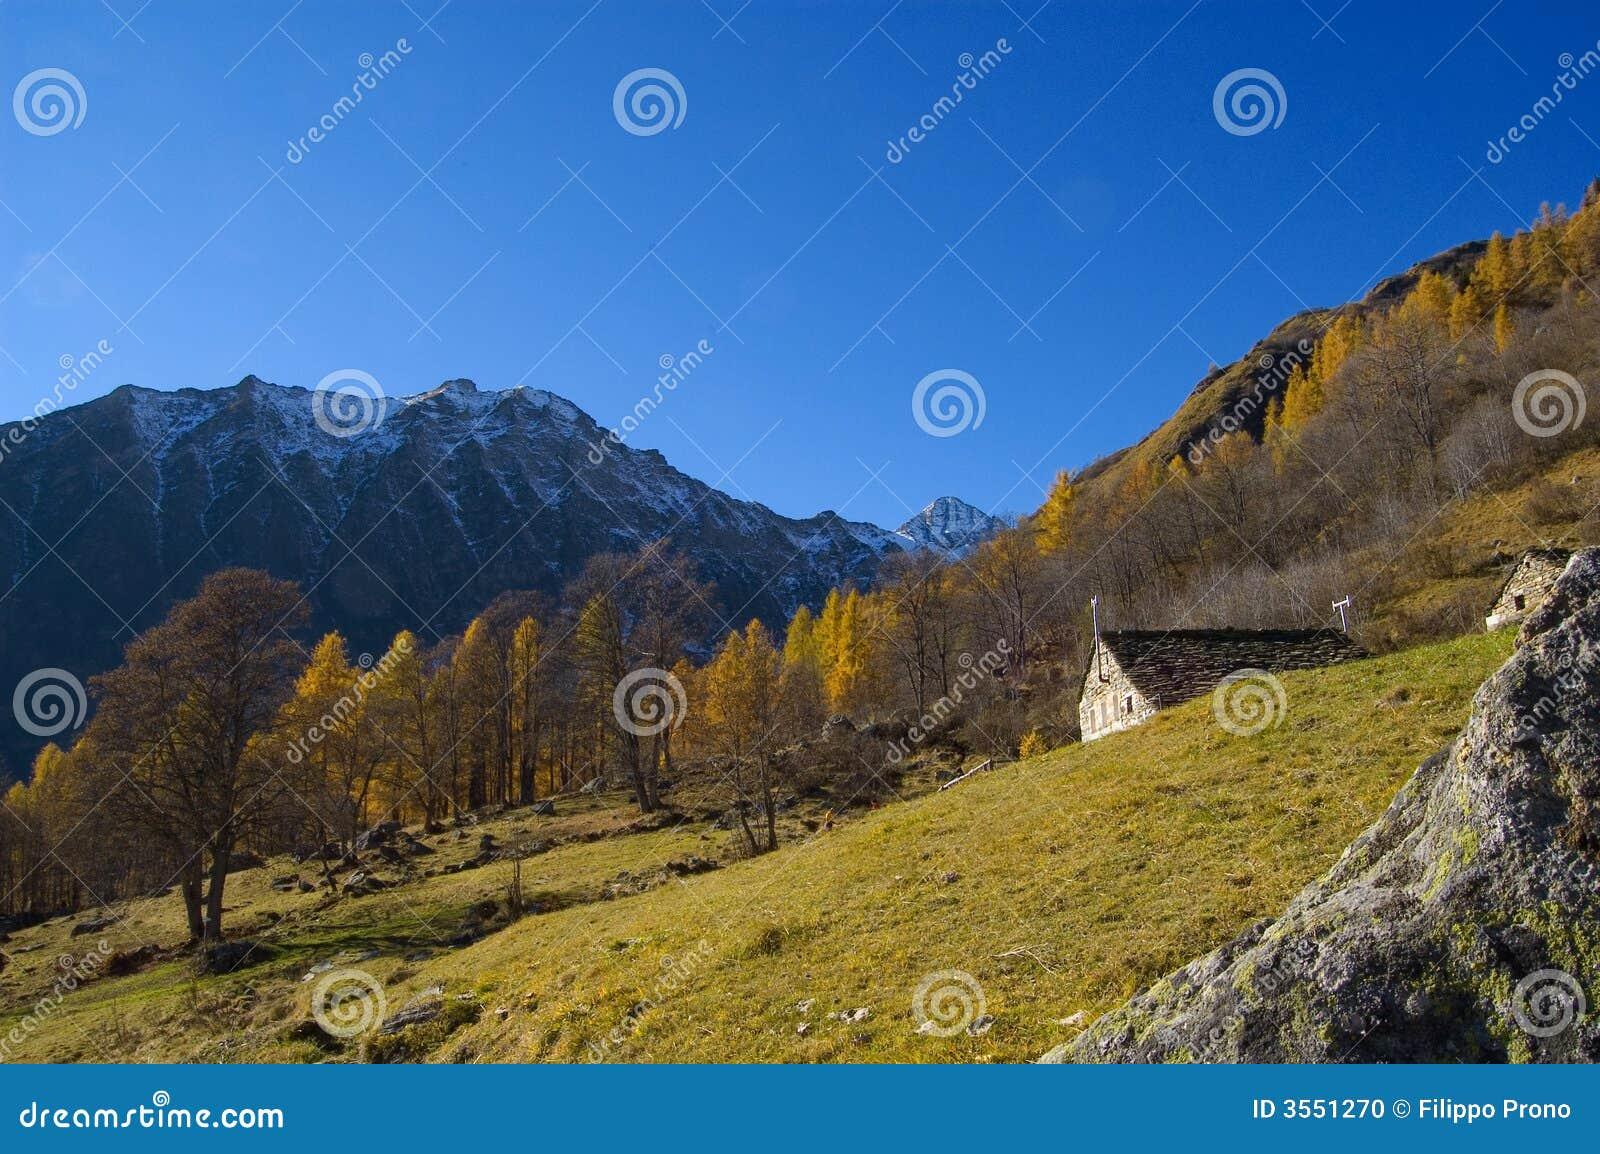 Autunno ripido del fianco di una montagna